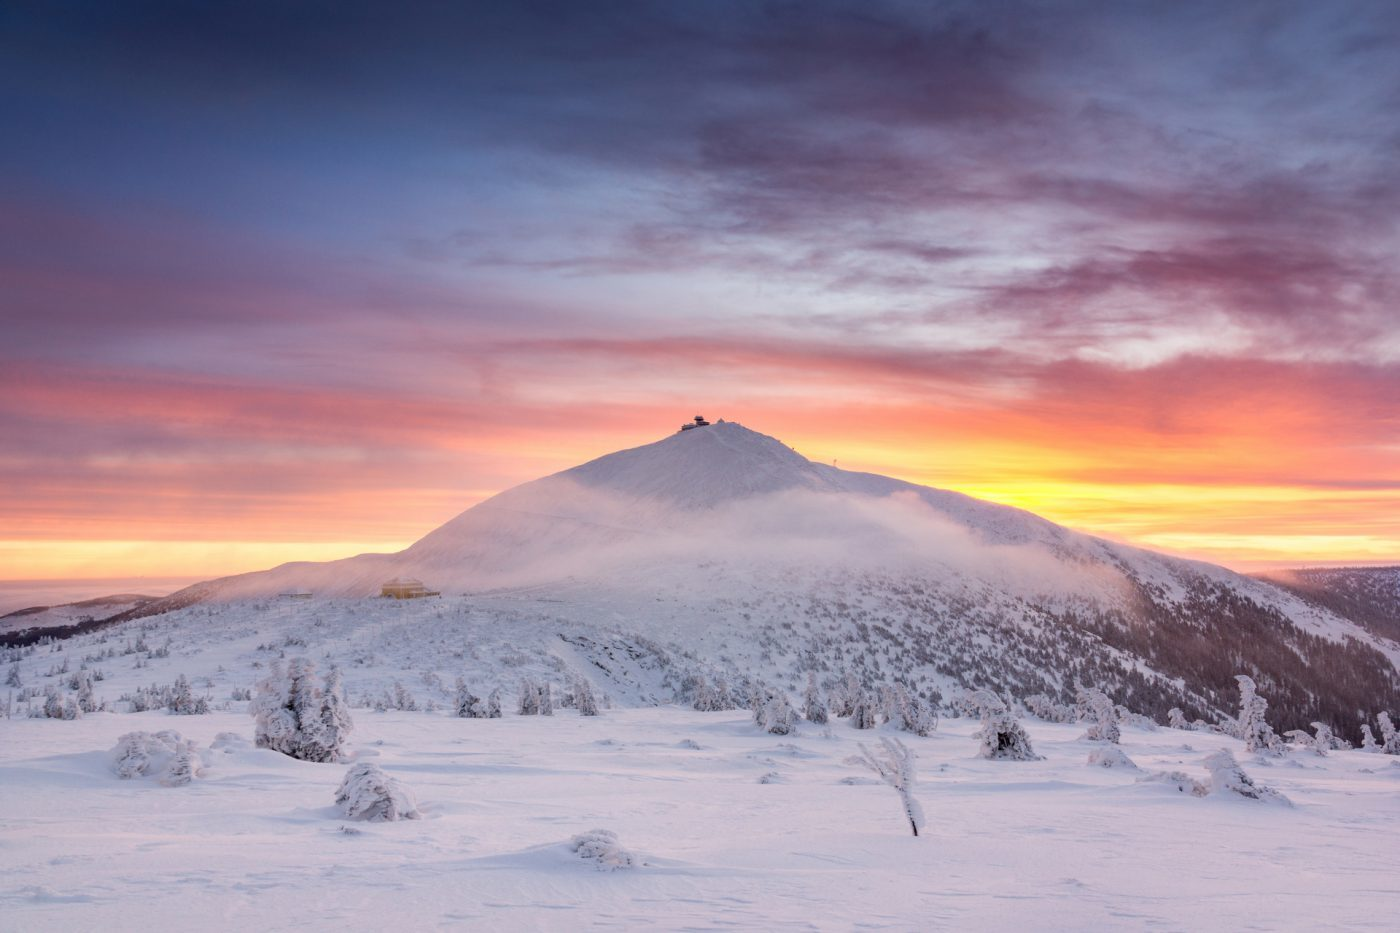 Śnieżka górująca nad Karpaczem, Karkonosze